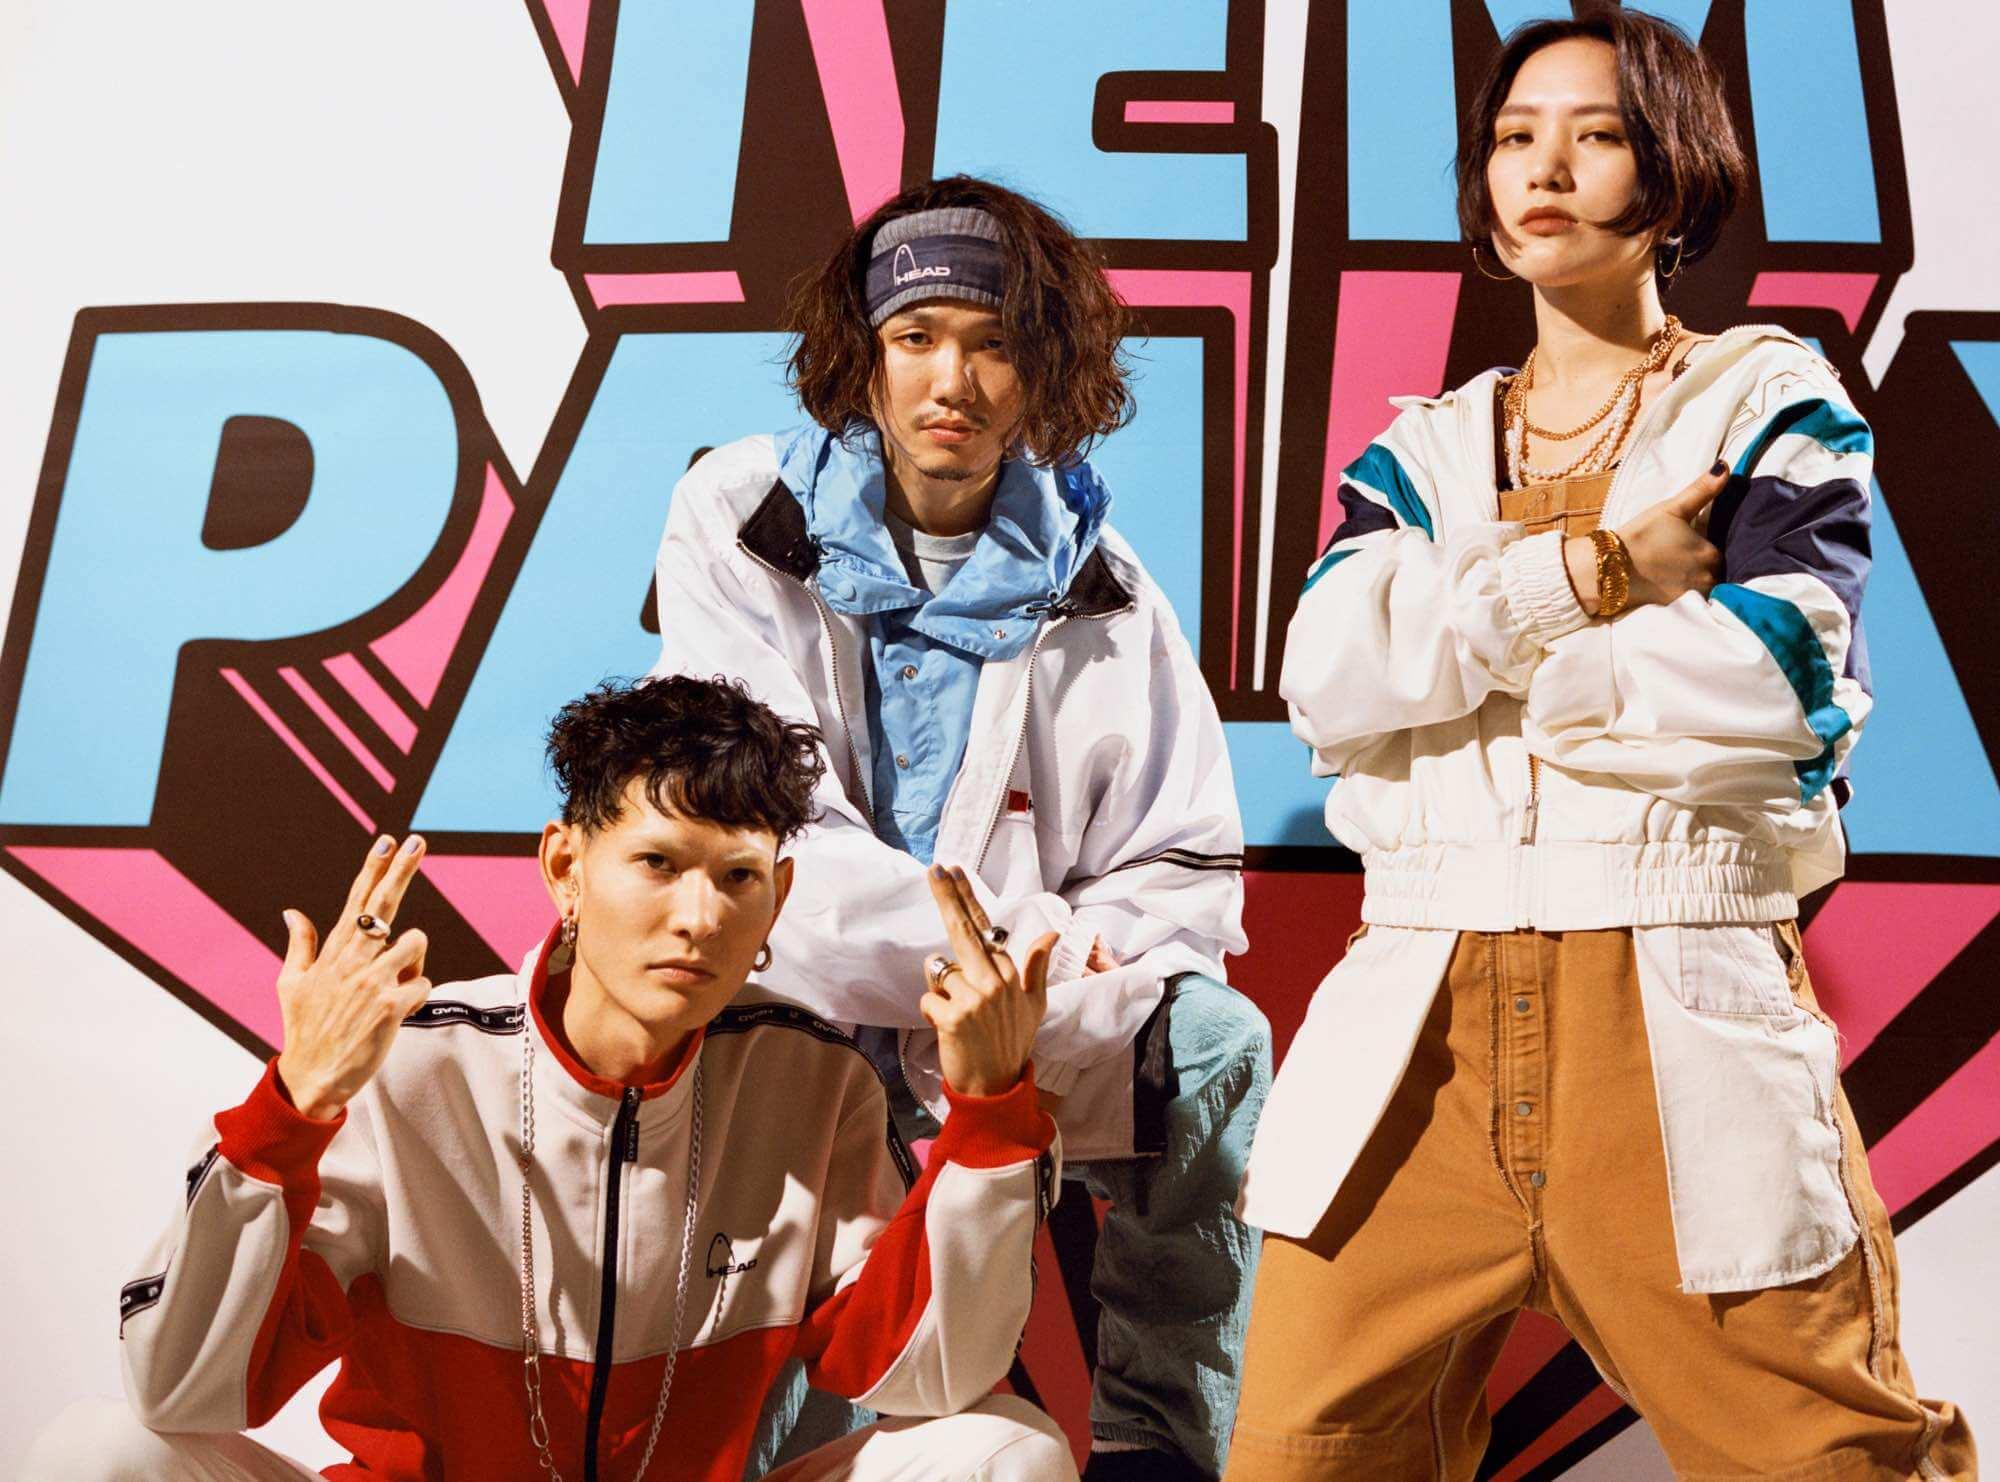 本日より新曲『シンゴ』を先行配信、MV公開。<br>Margtとのトーク生配信も!